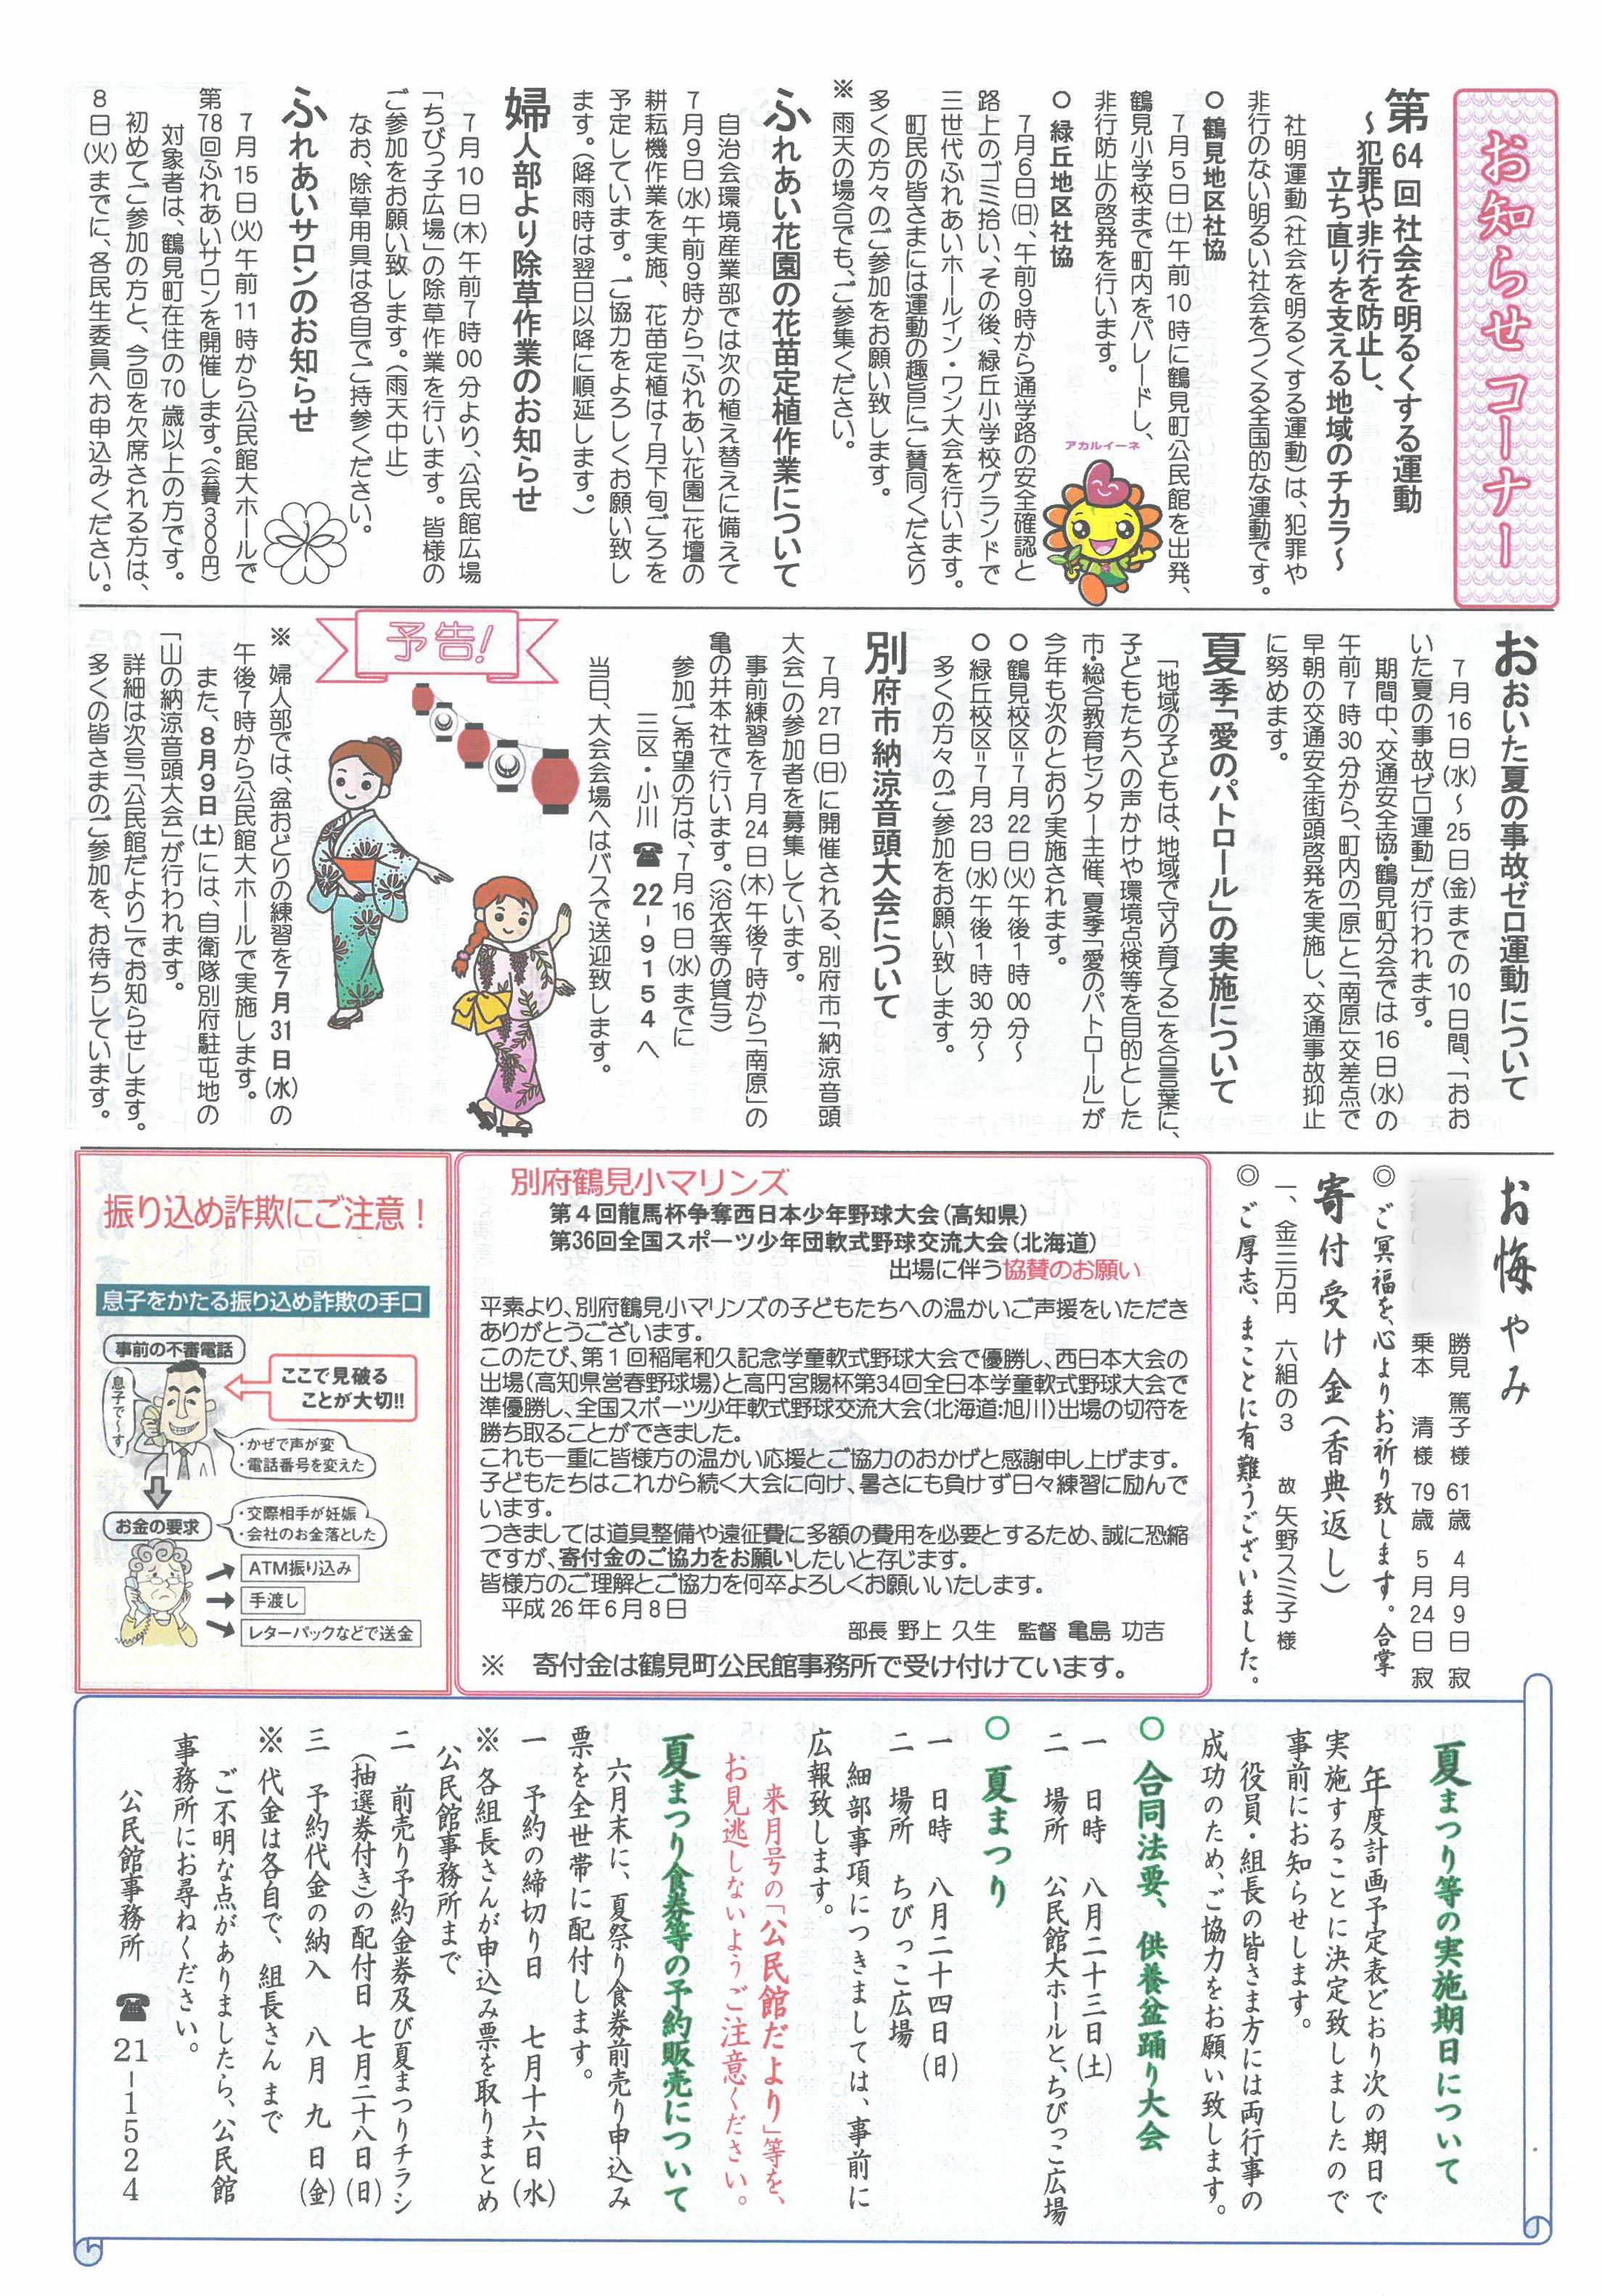 tsurumi2014_07_02